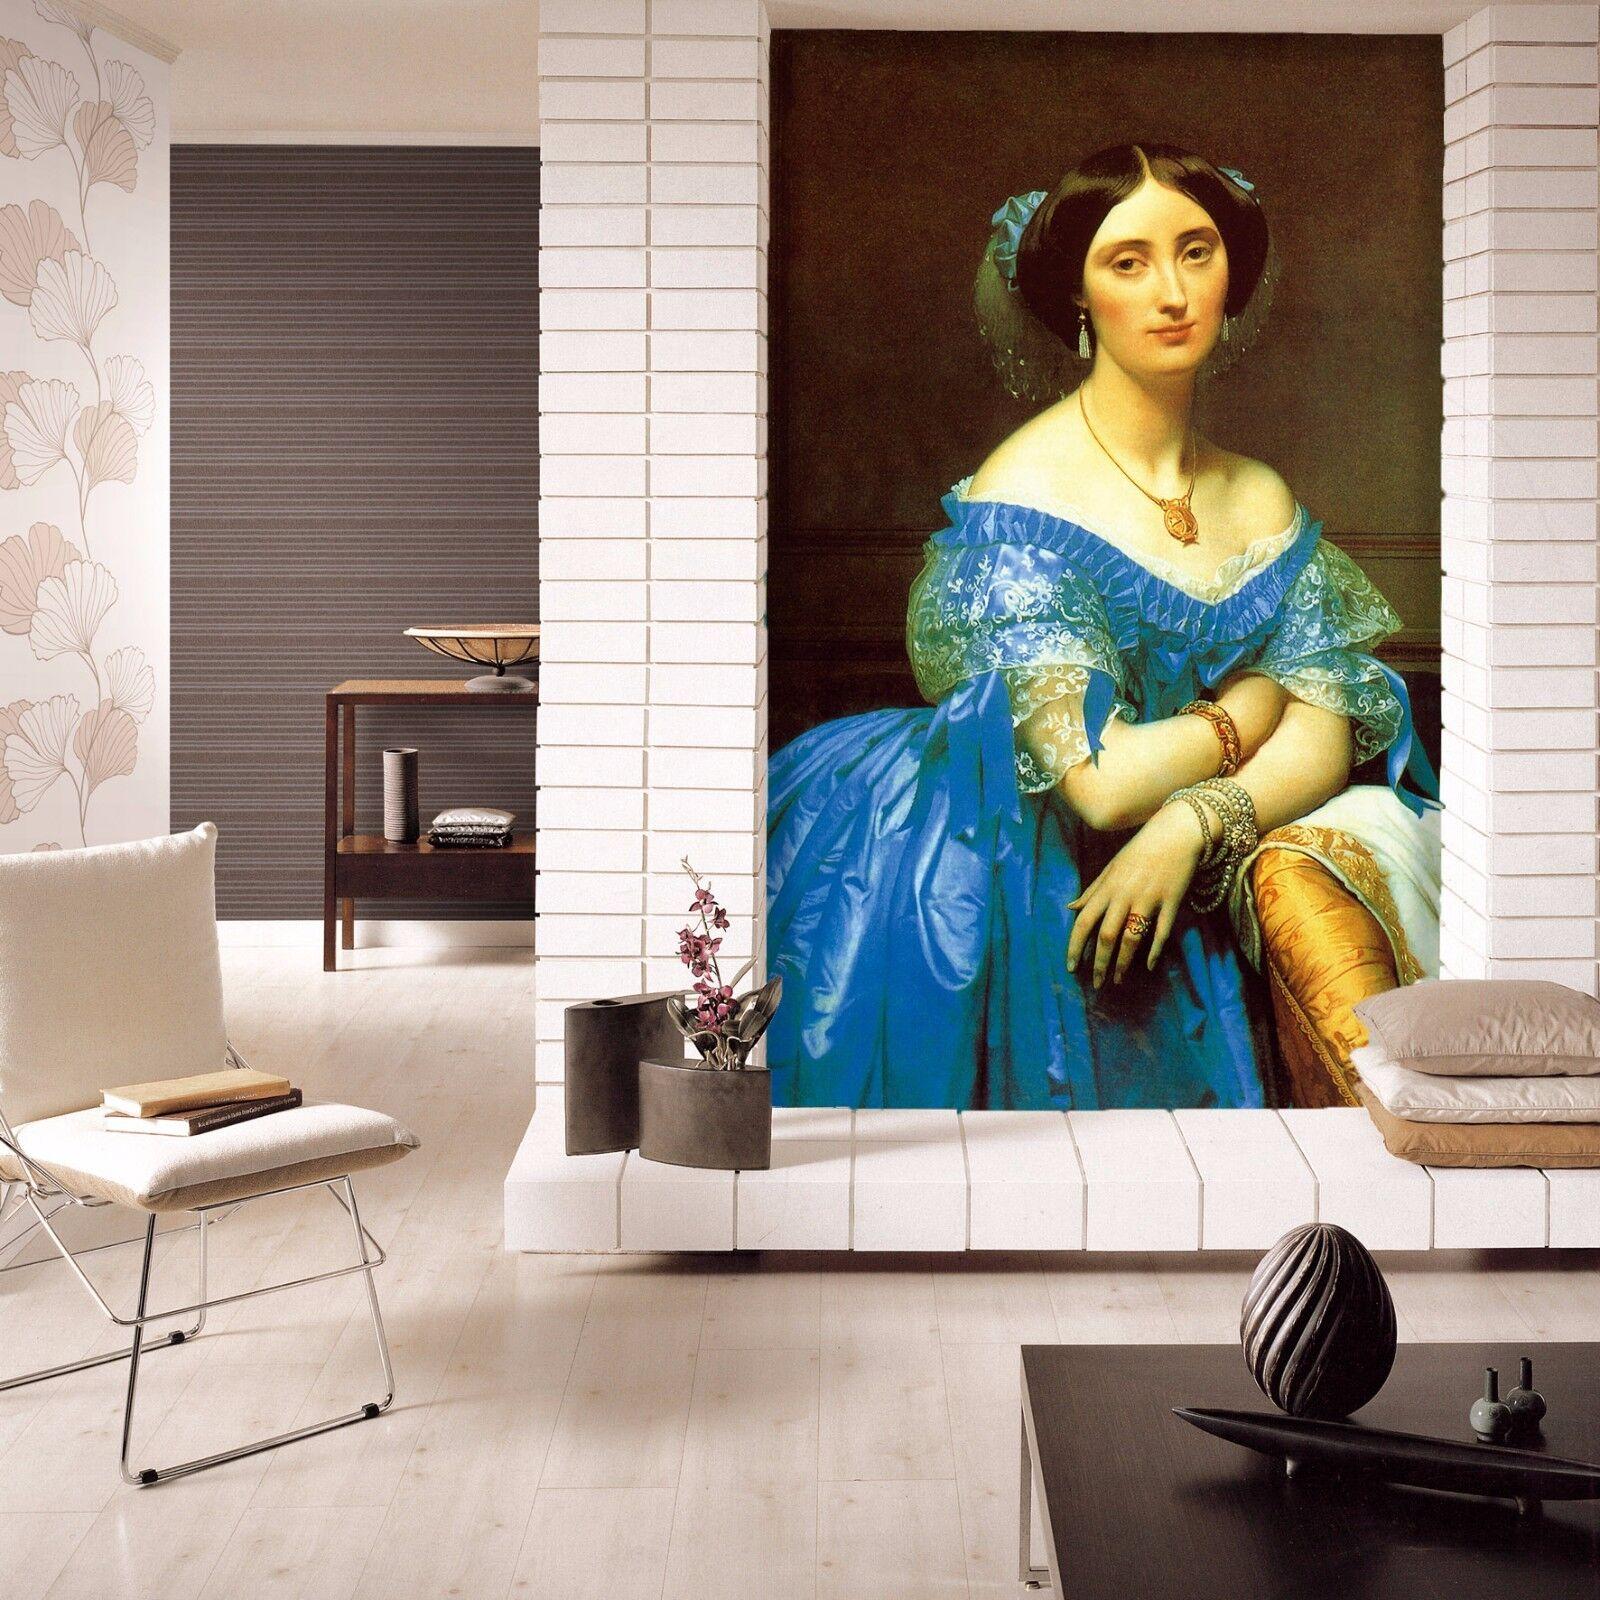 3D Aristokratie Ölgemälde 74 Tapete Wandgemälde Tapete Tapeten Bild Familie DE   Großhandel    Charmantes Design    Modernes Design